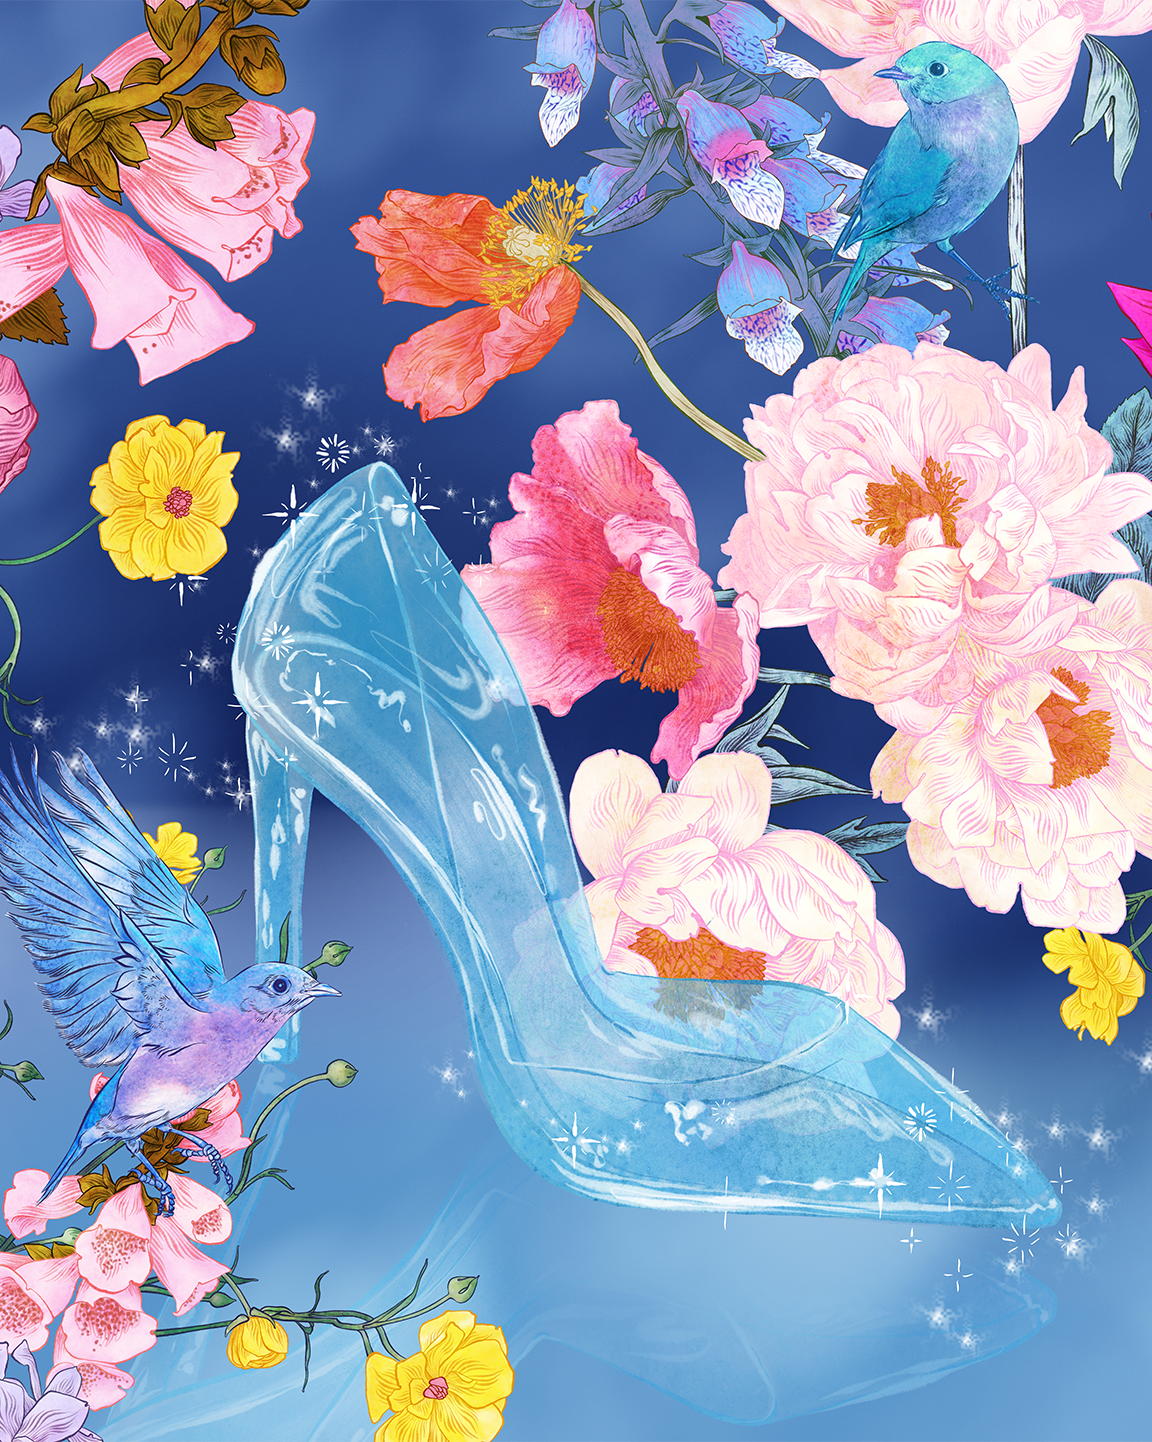 Adriana Picker's glass slipper artwork for Cinderella's 70th Anniversary.